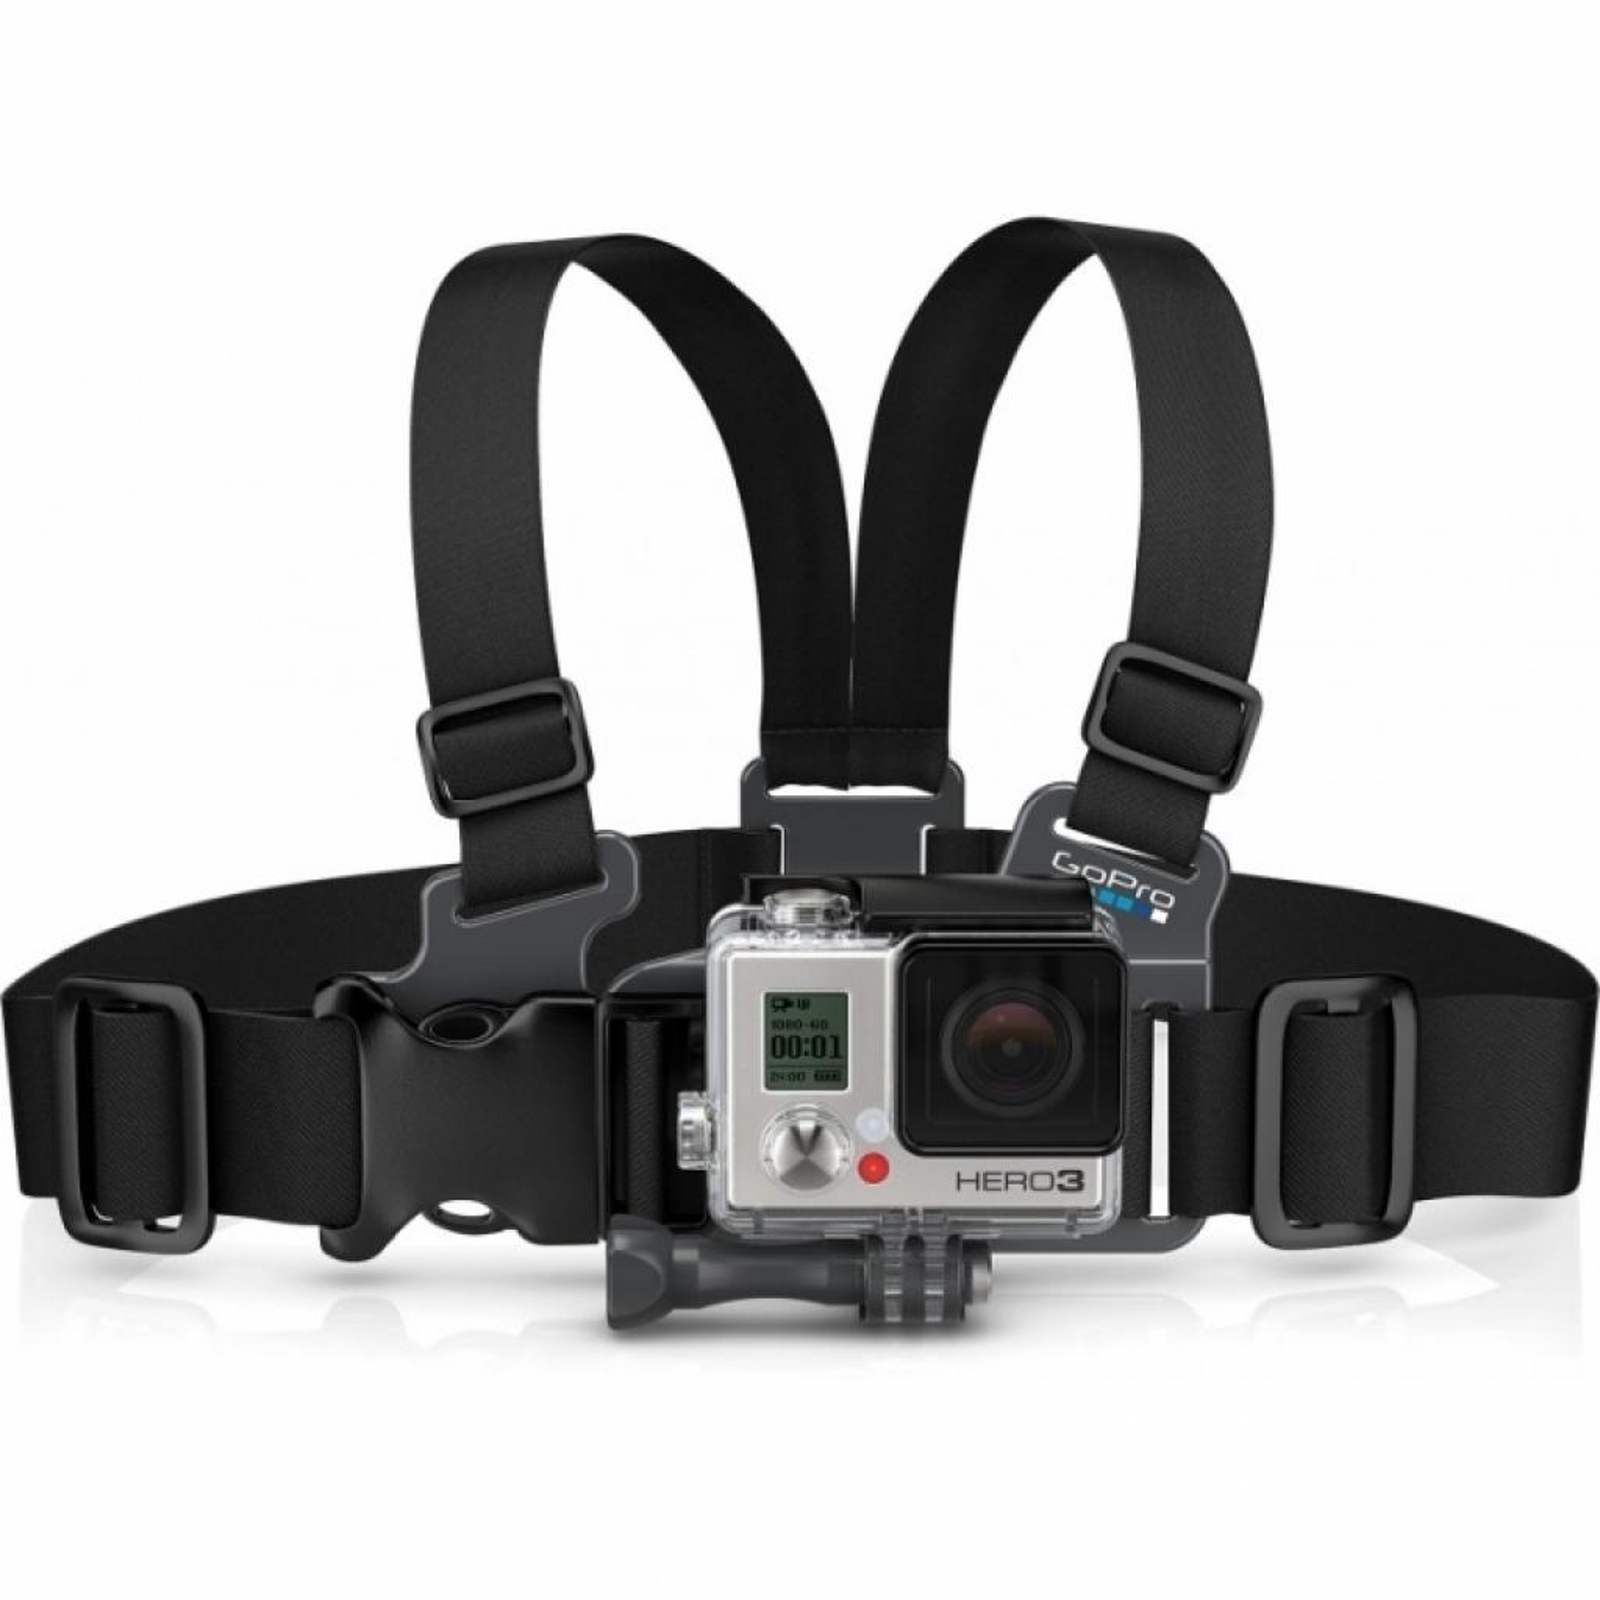 Аксессуар к экшн-камерам GoPro Mount Harness Junior (ACHMJ-301)